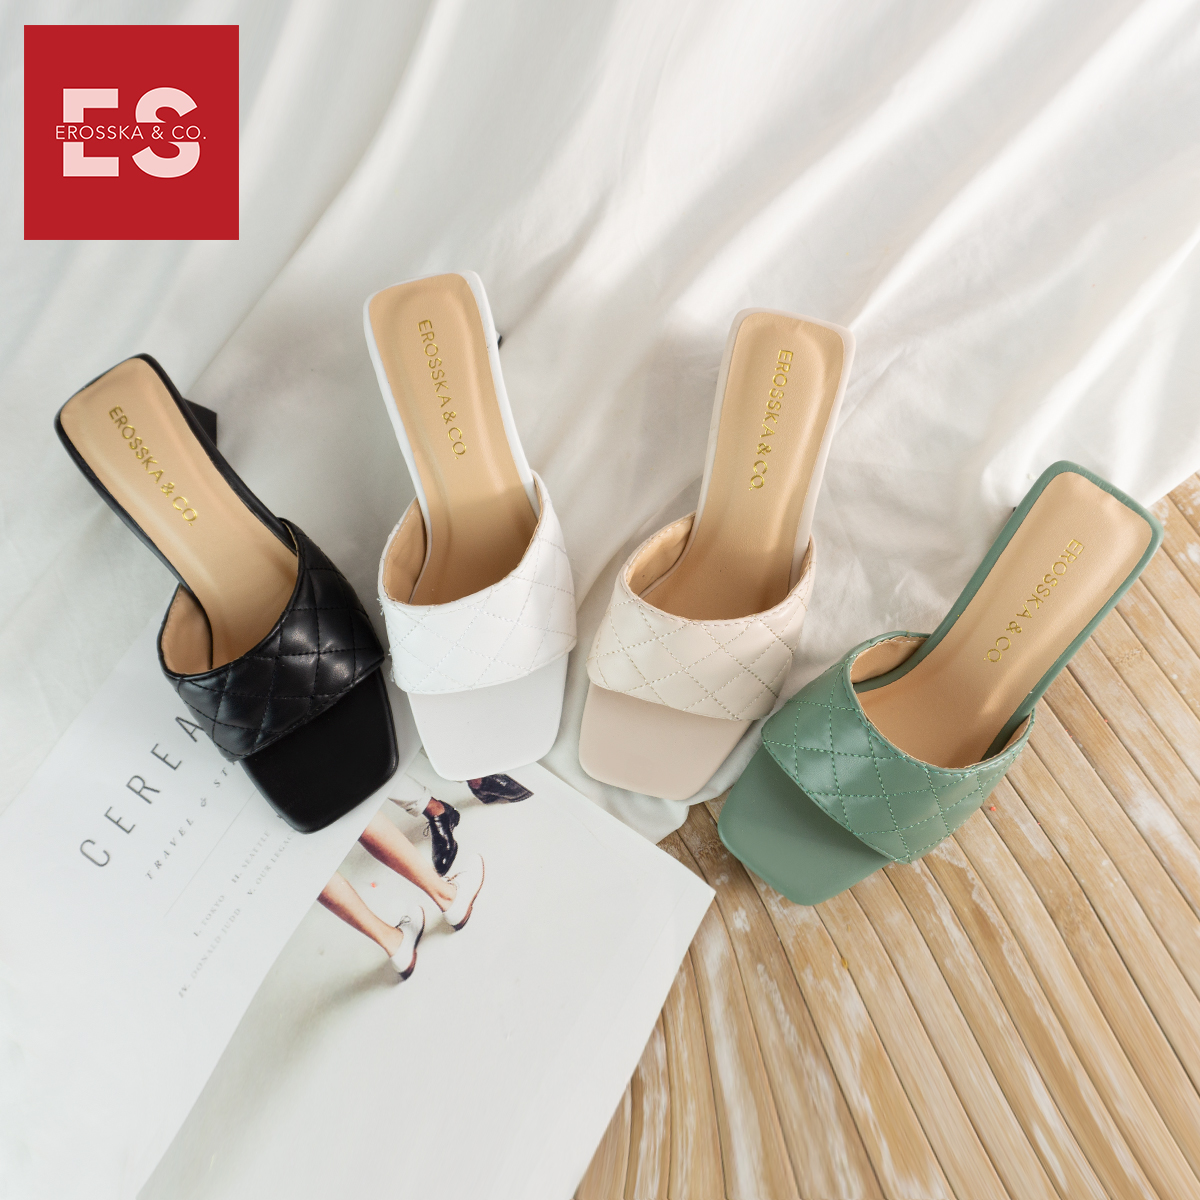 Dép cao go t Erosska thời trang mũi vuông quai ngang phối gót sơn gỗ kiê u da ng thanh li ch cao 5cm EM045 1